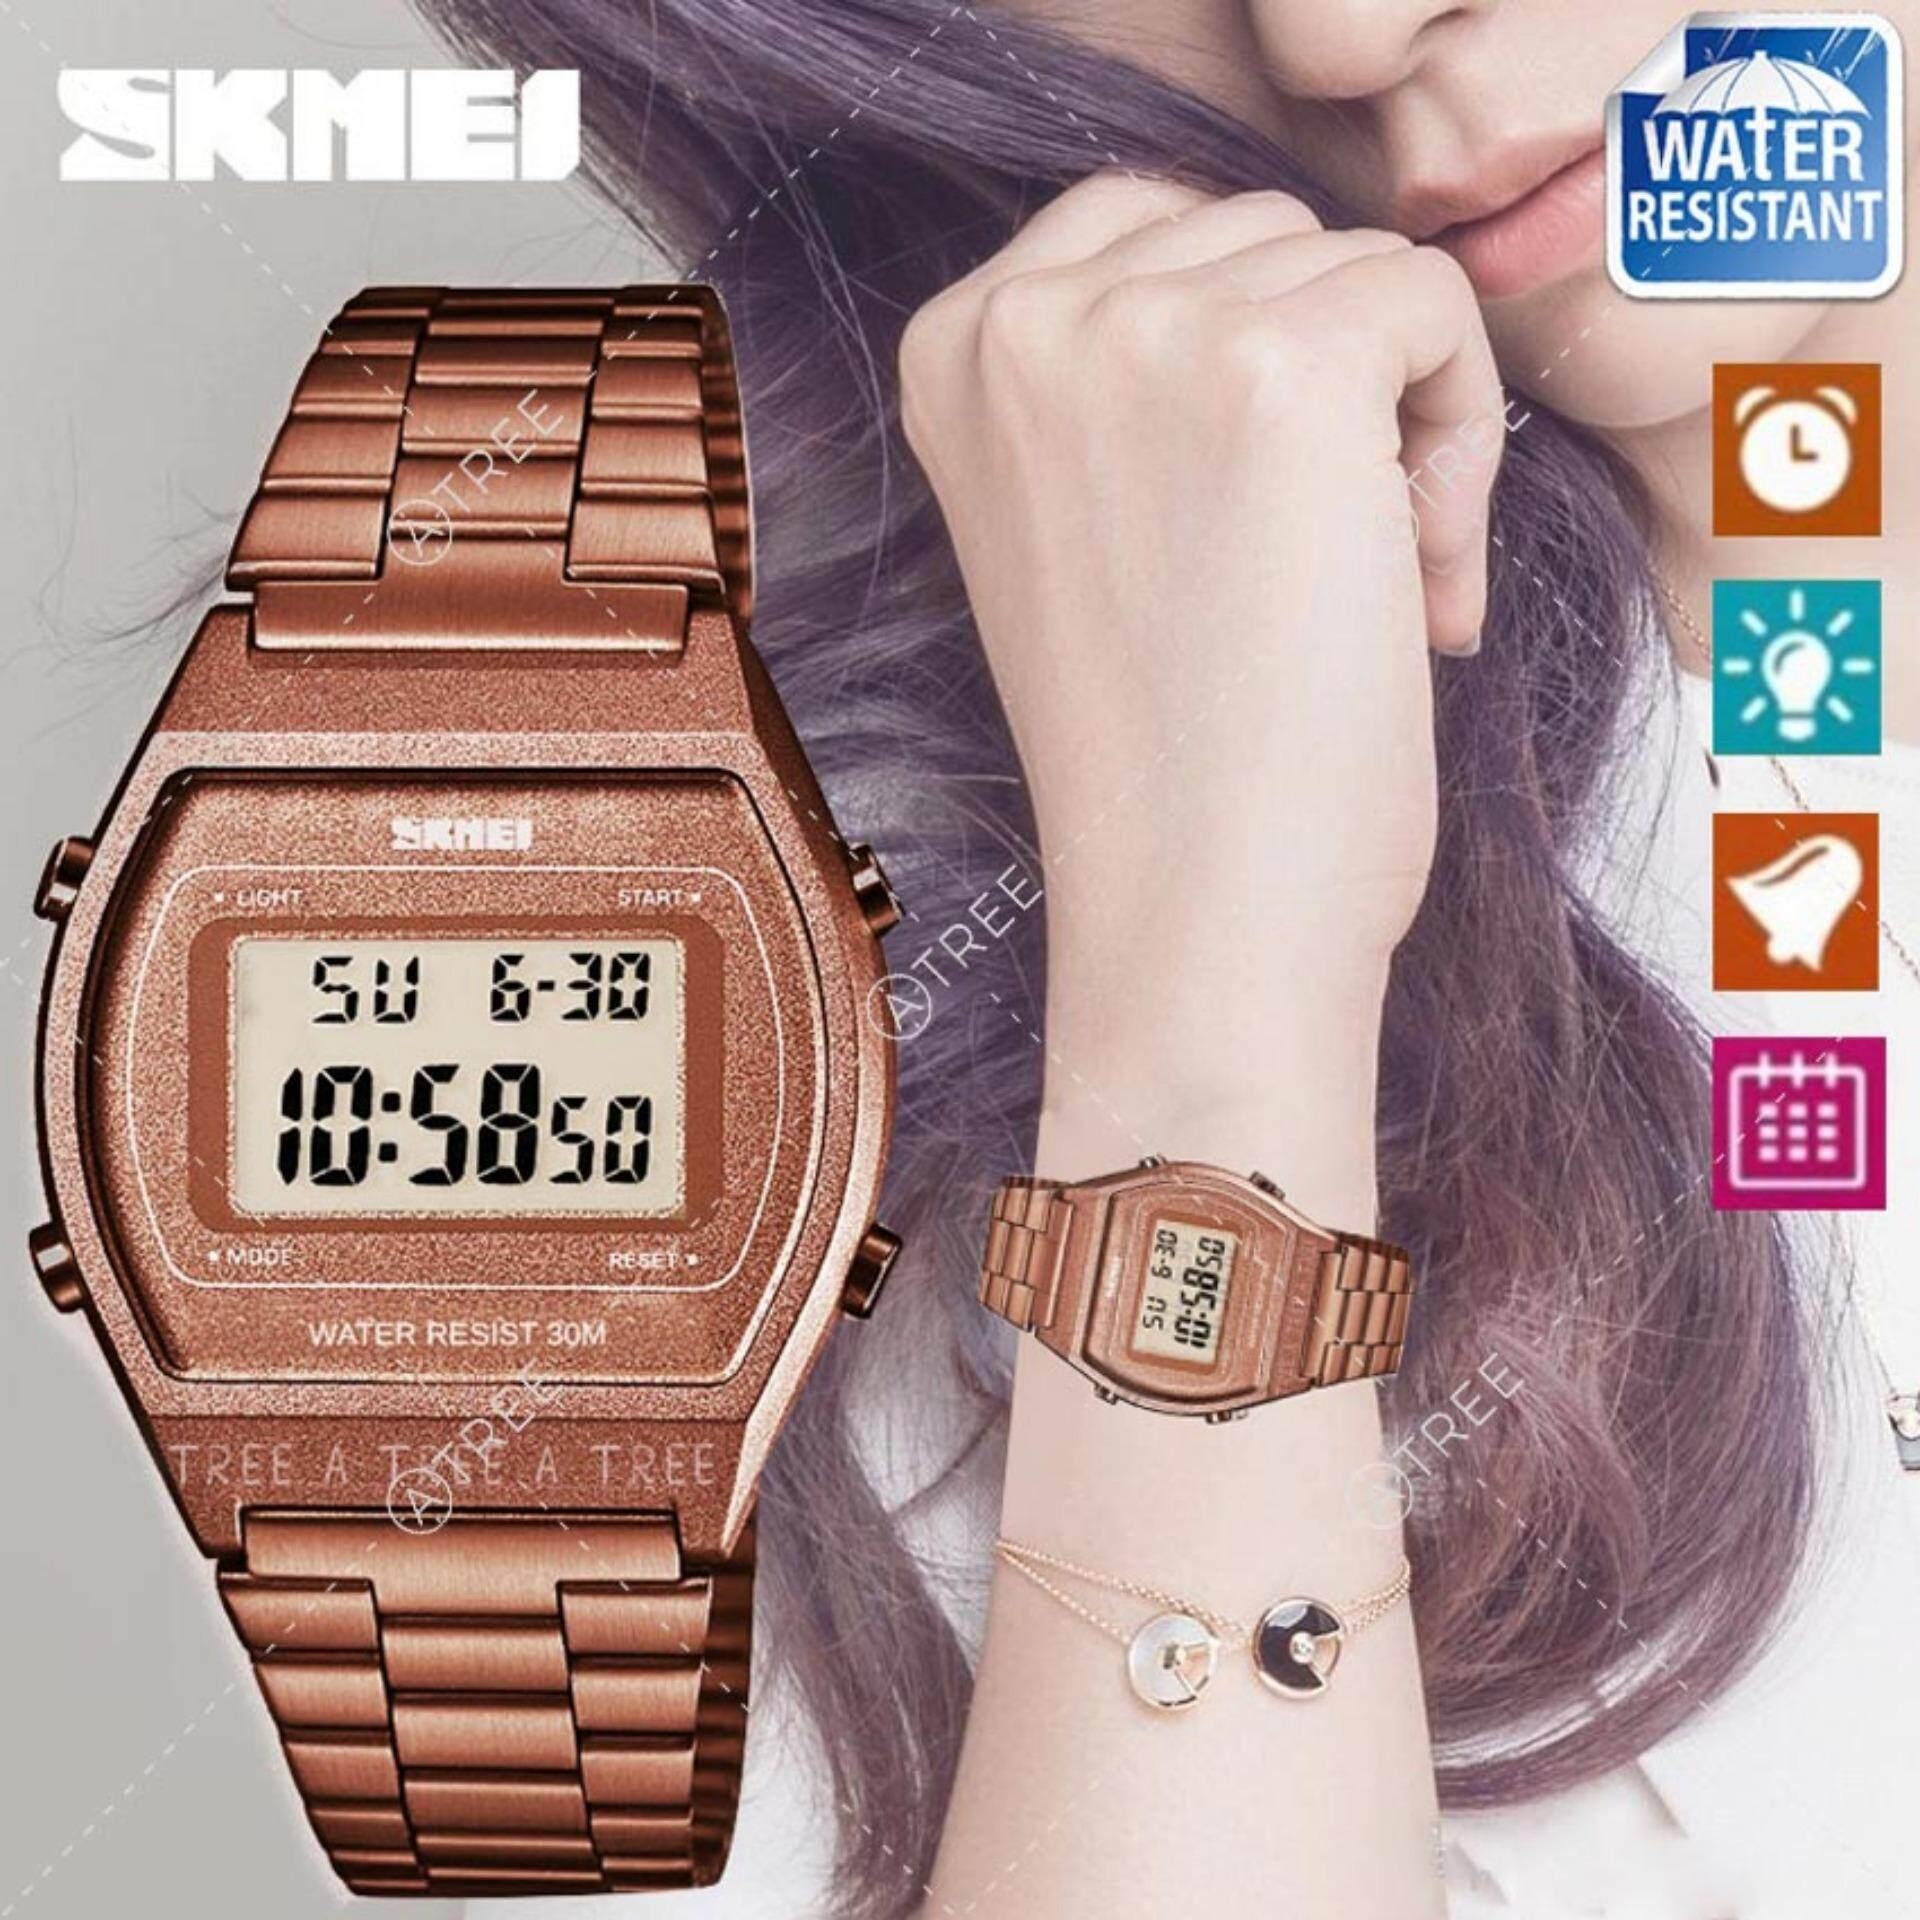 ขาย Skmei ของแท้ 100 ส่งในไทยไวแน่นอน นาฬิกาข้อมือผู้หญิง สไตล์ Casual Bussiness Watch จับเวลา ตั้งปลุกได้ ไฟ Led ส่องสว่าง สายแสตนเลสสีพิ้งโกลด์ รุ่น Sk M1328 สีน้ำตาล Brown Thailand